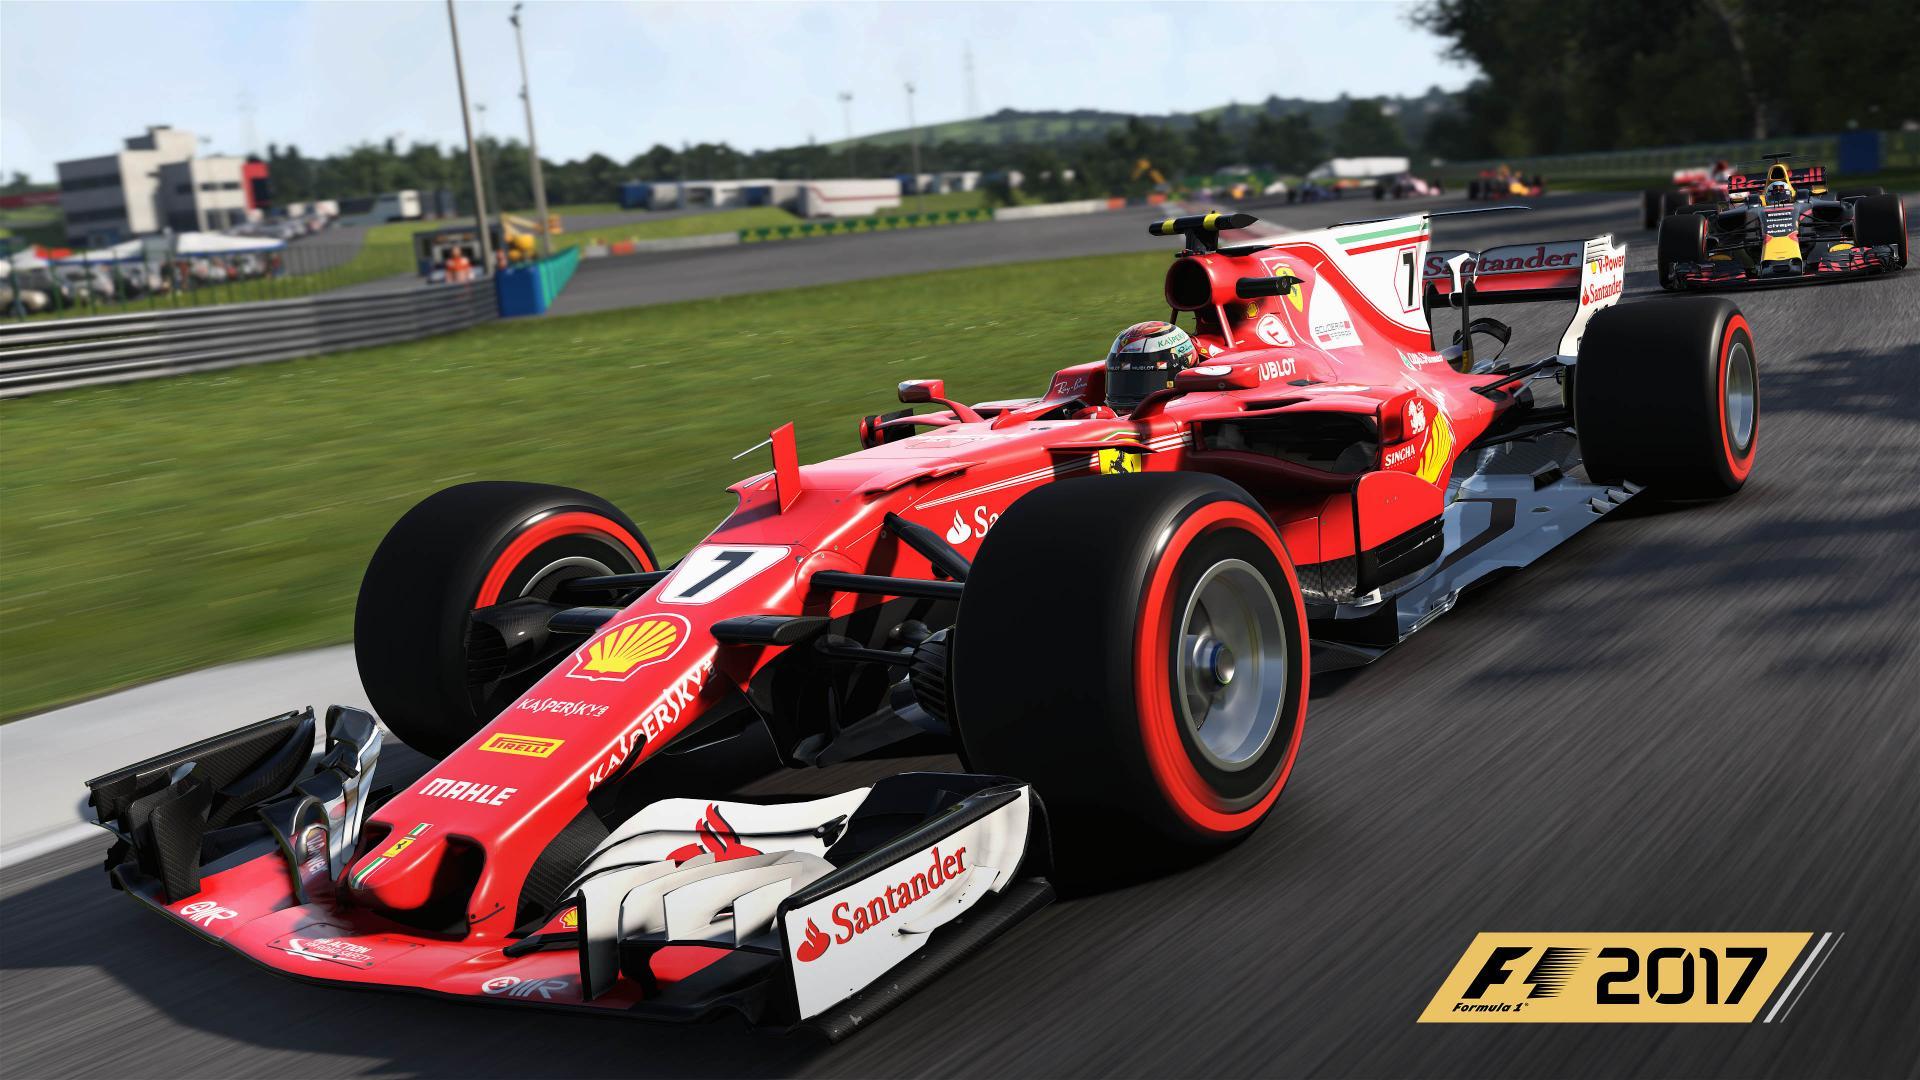 F1 2017 september update 005